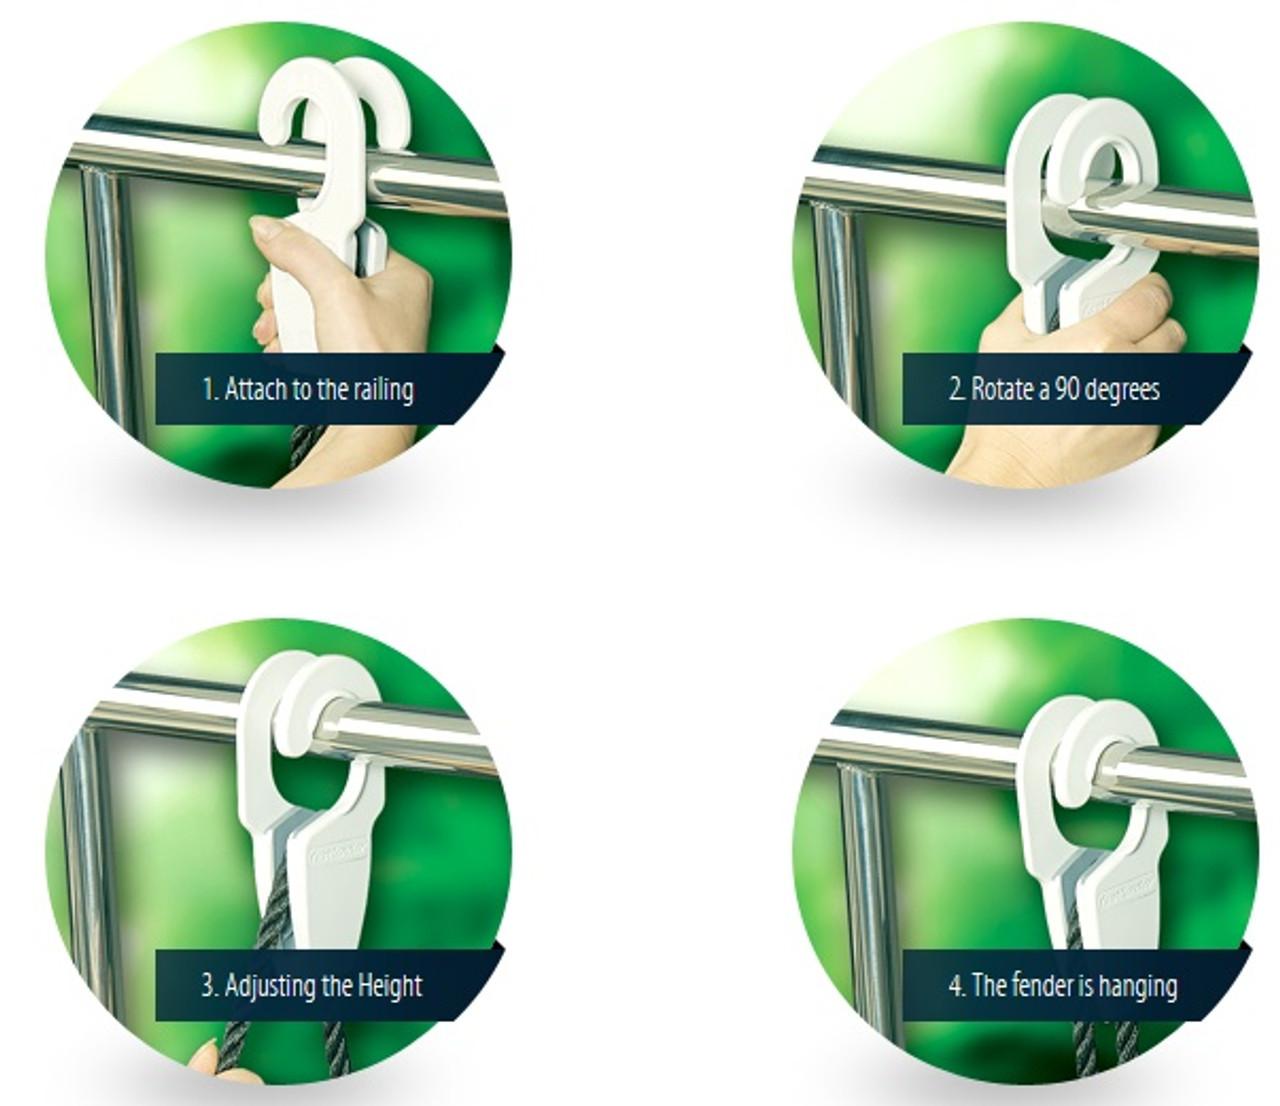 Fastfender Hanger - easy one hand installation